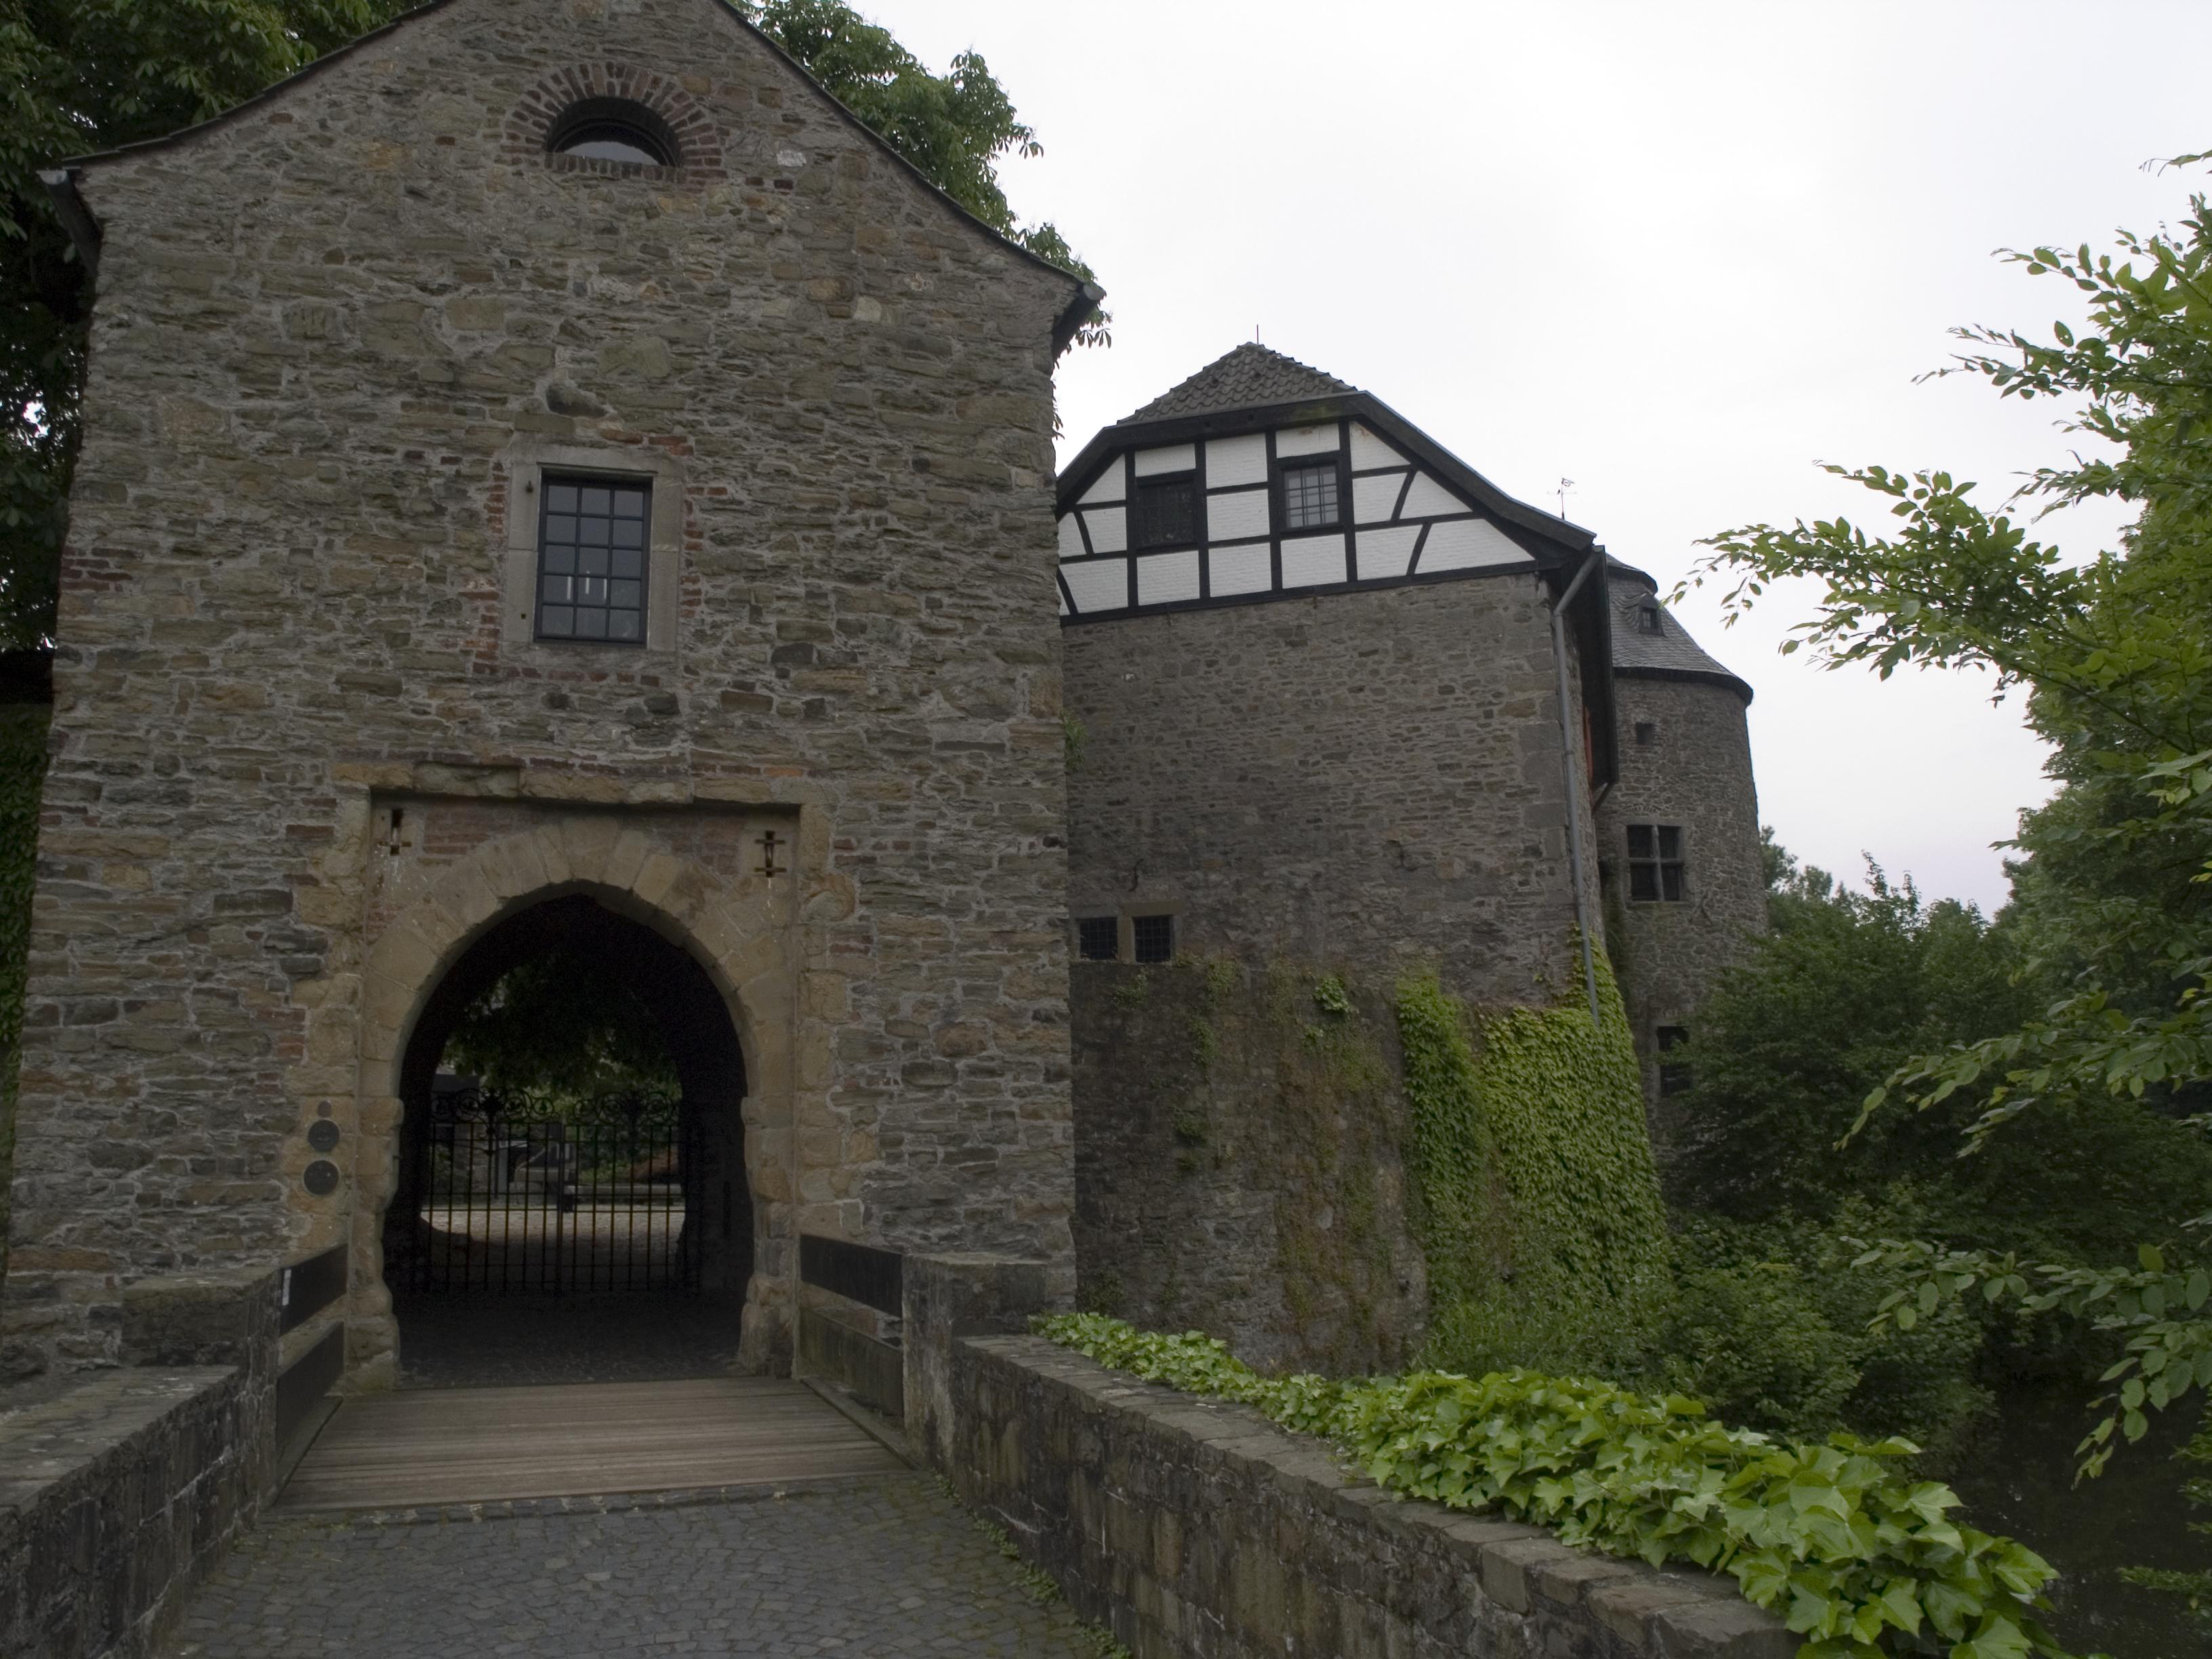 File NRW Ratingen Haus zum Haus 02 Wikimedia mons